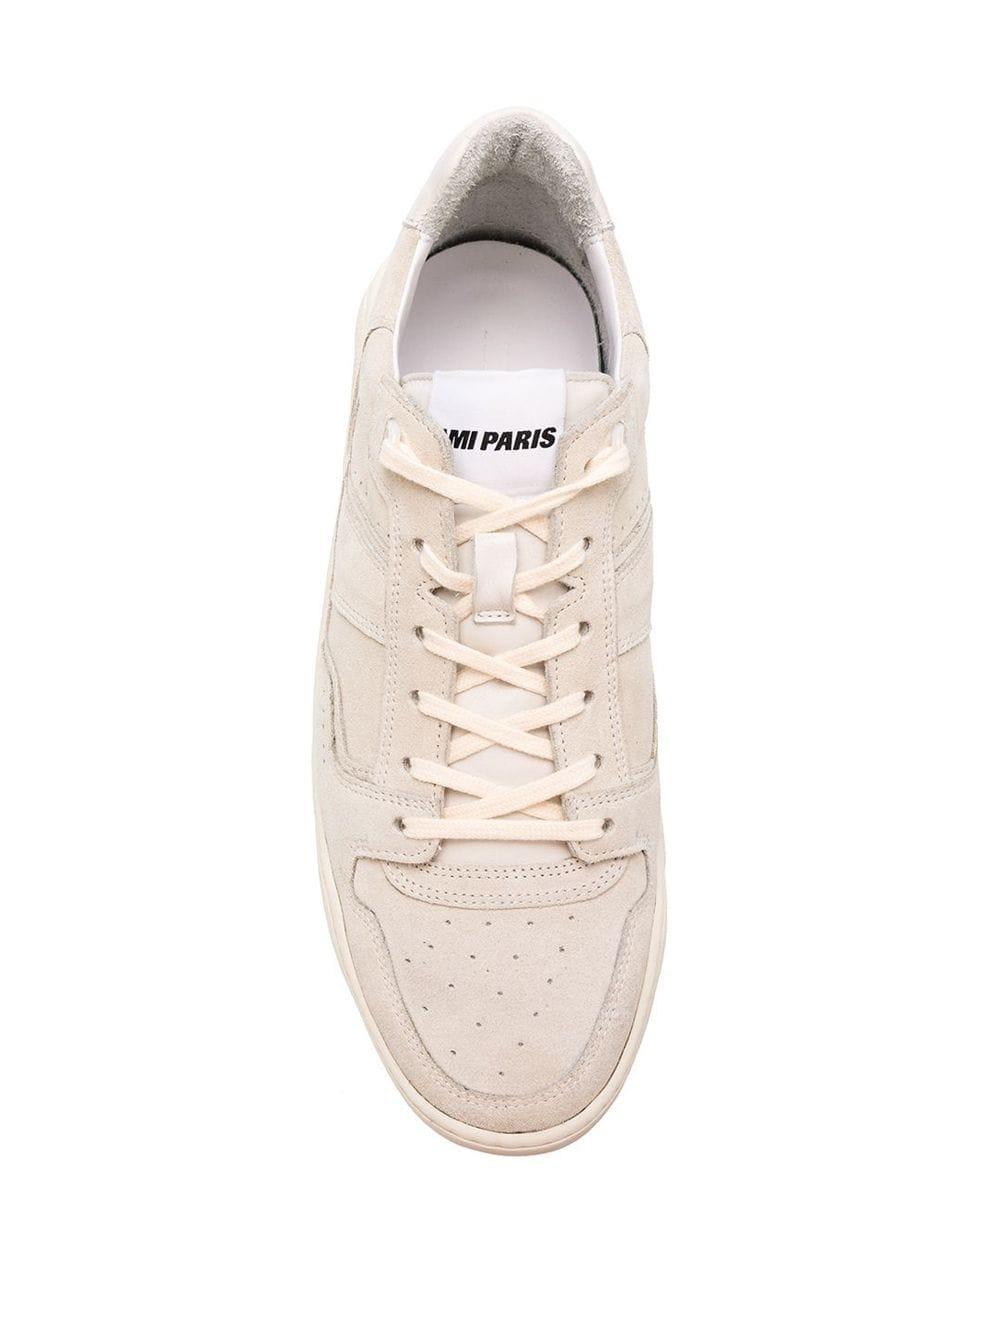 AMI Leer Low-top Vetersneakers in het Wit voor heren